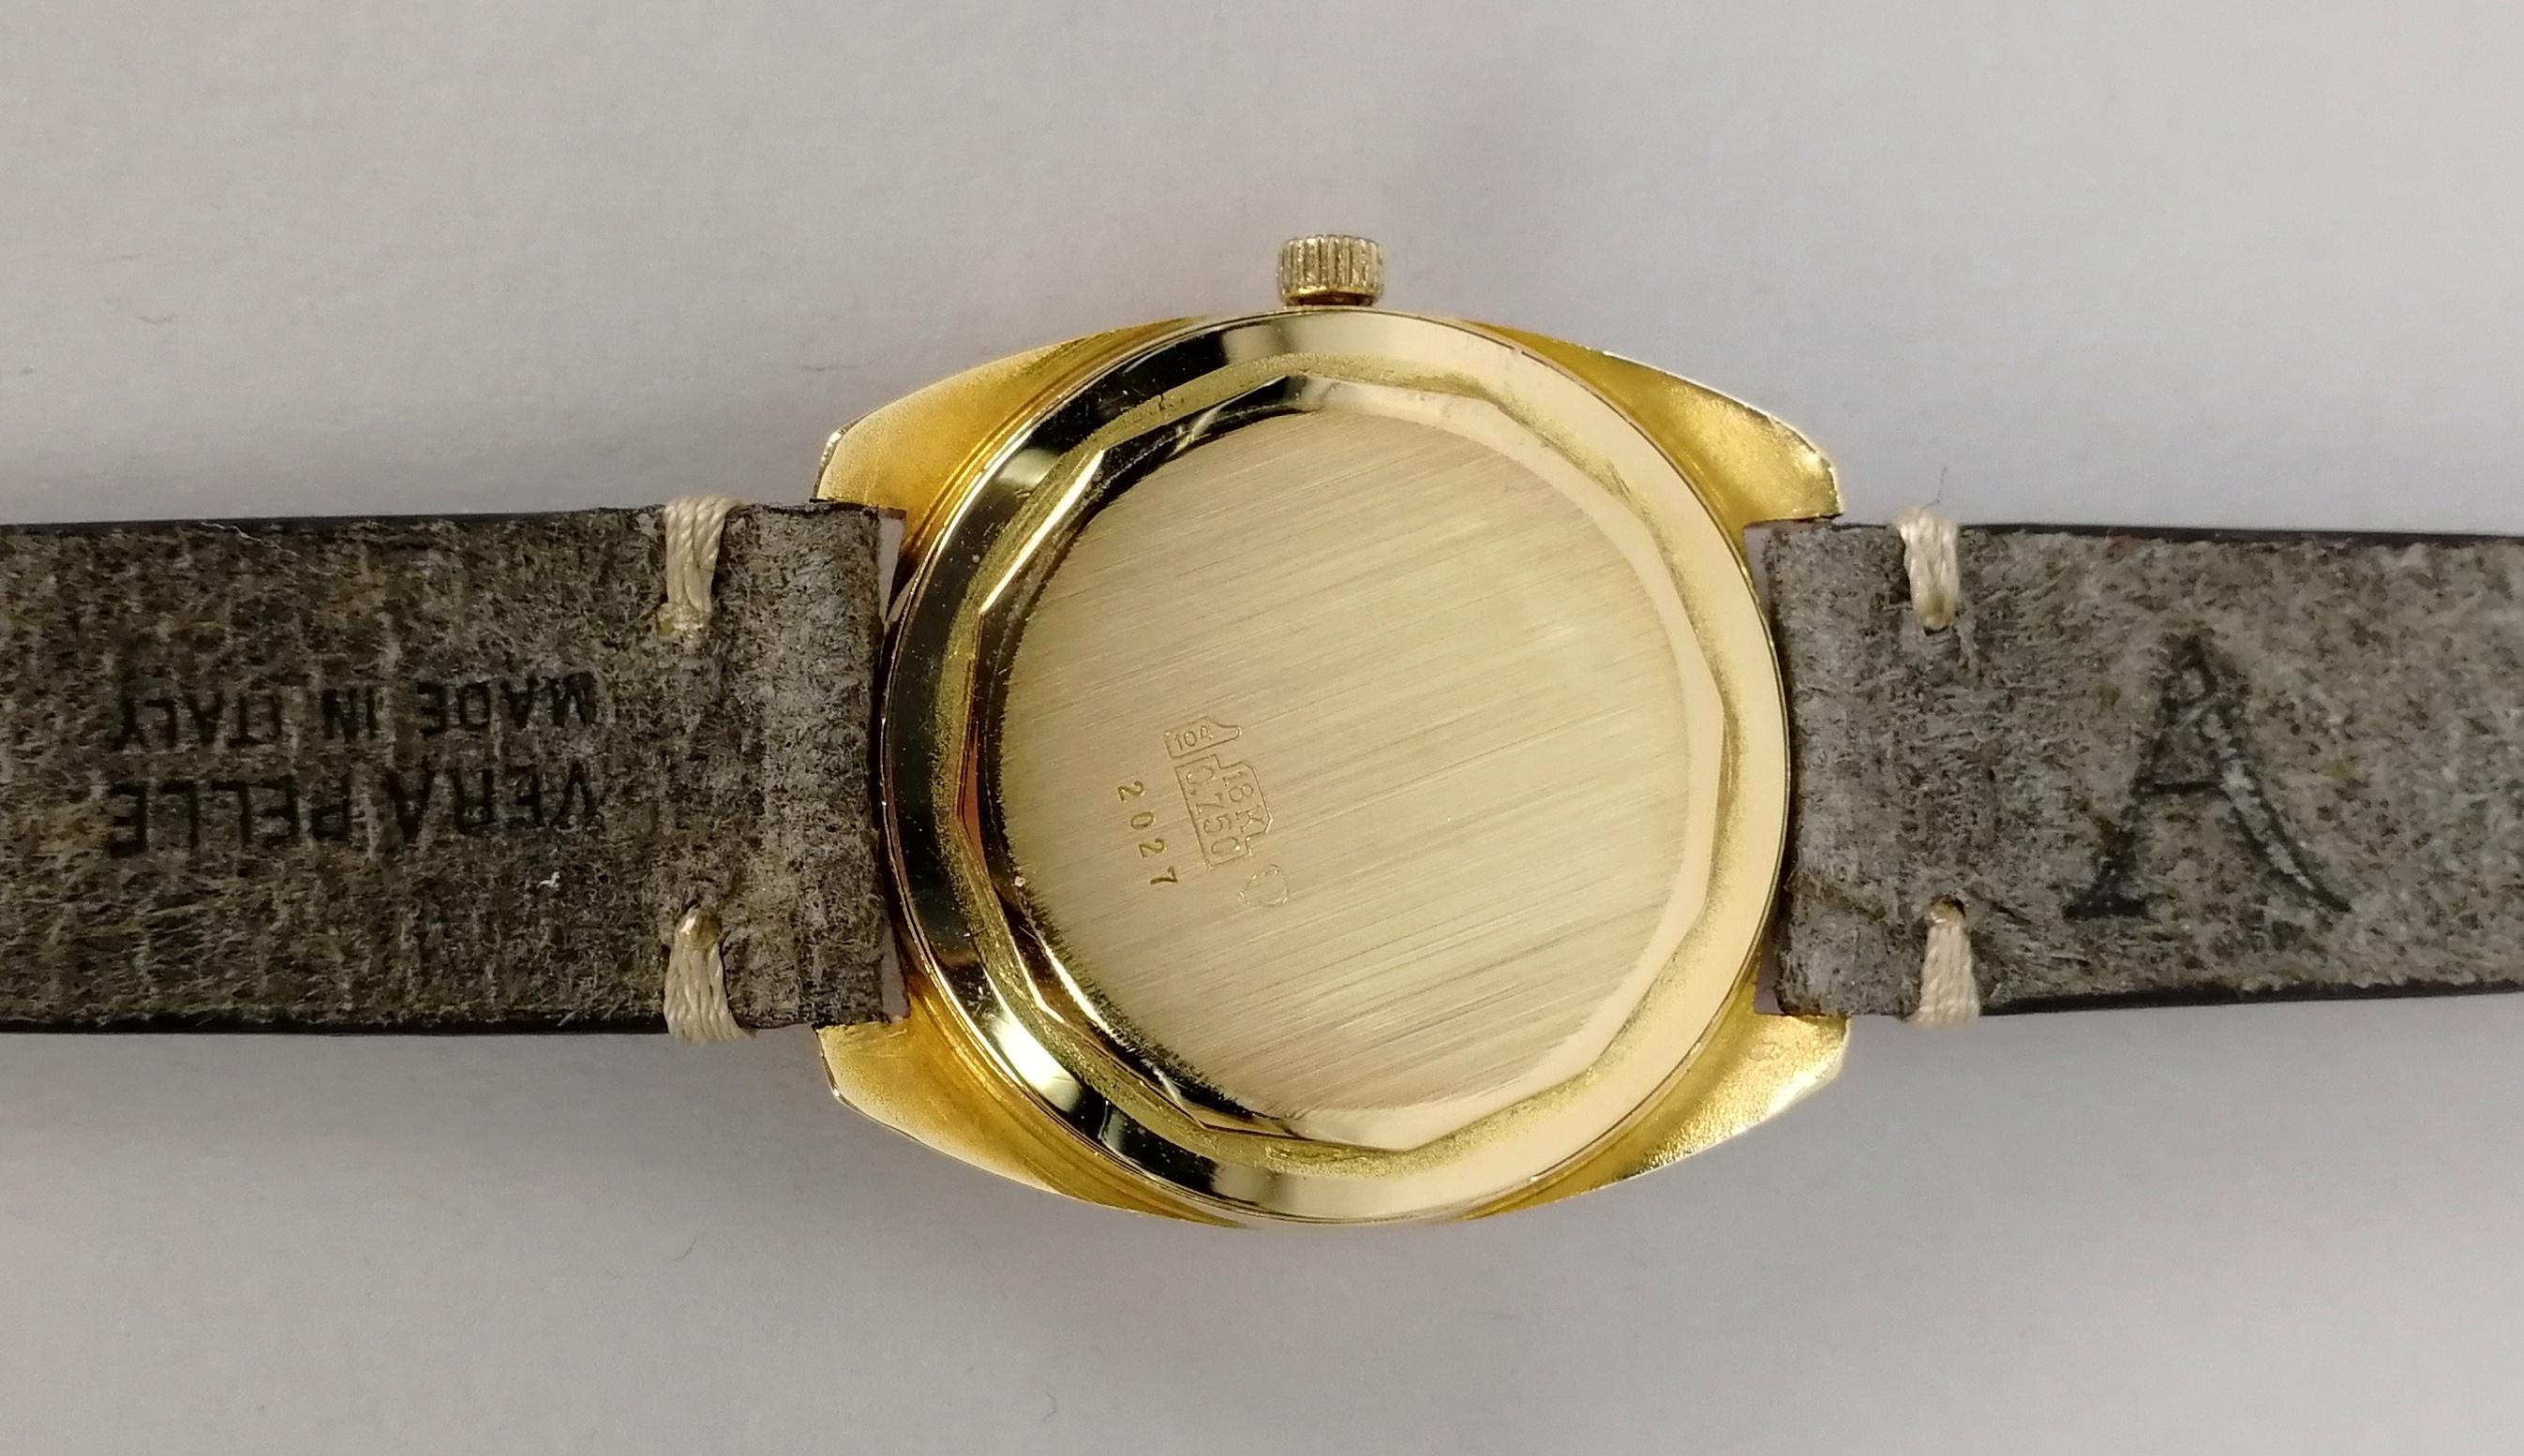 Lot 14 - ALTANUS. Orologio da uomo automatico in oro giallo 18 kt., di forma ovale. Quadrante bitonale. Epoca